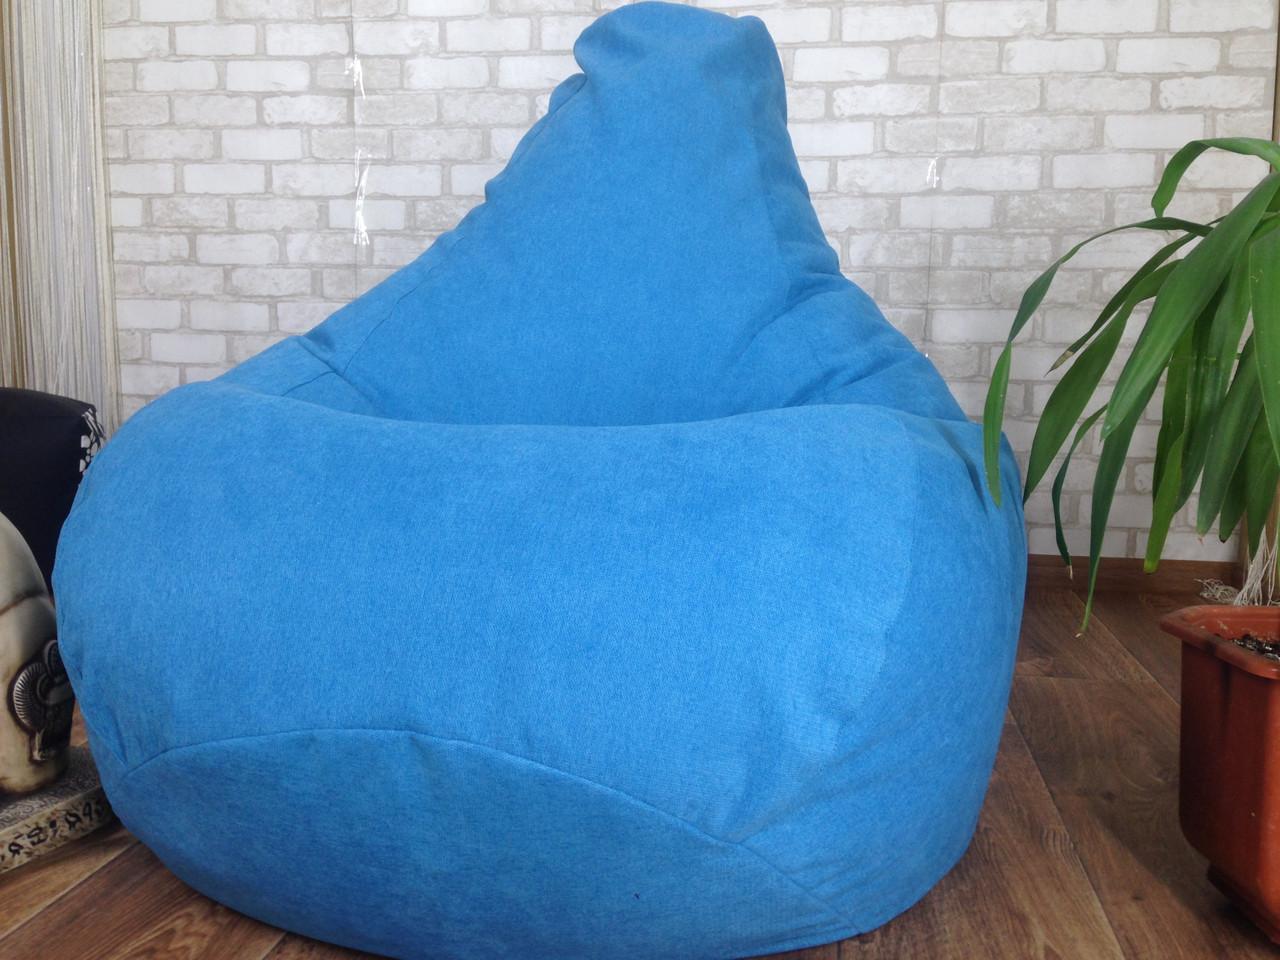 Кресло Мешок, бескаркасное кресло Груша ХХЛ, голубой